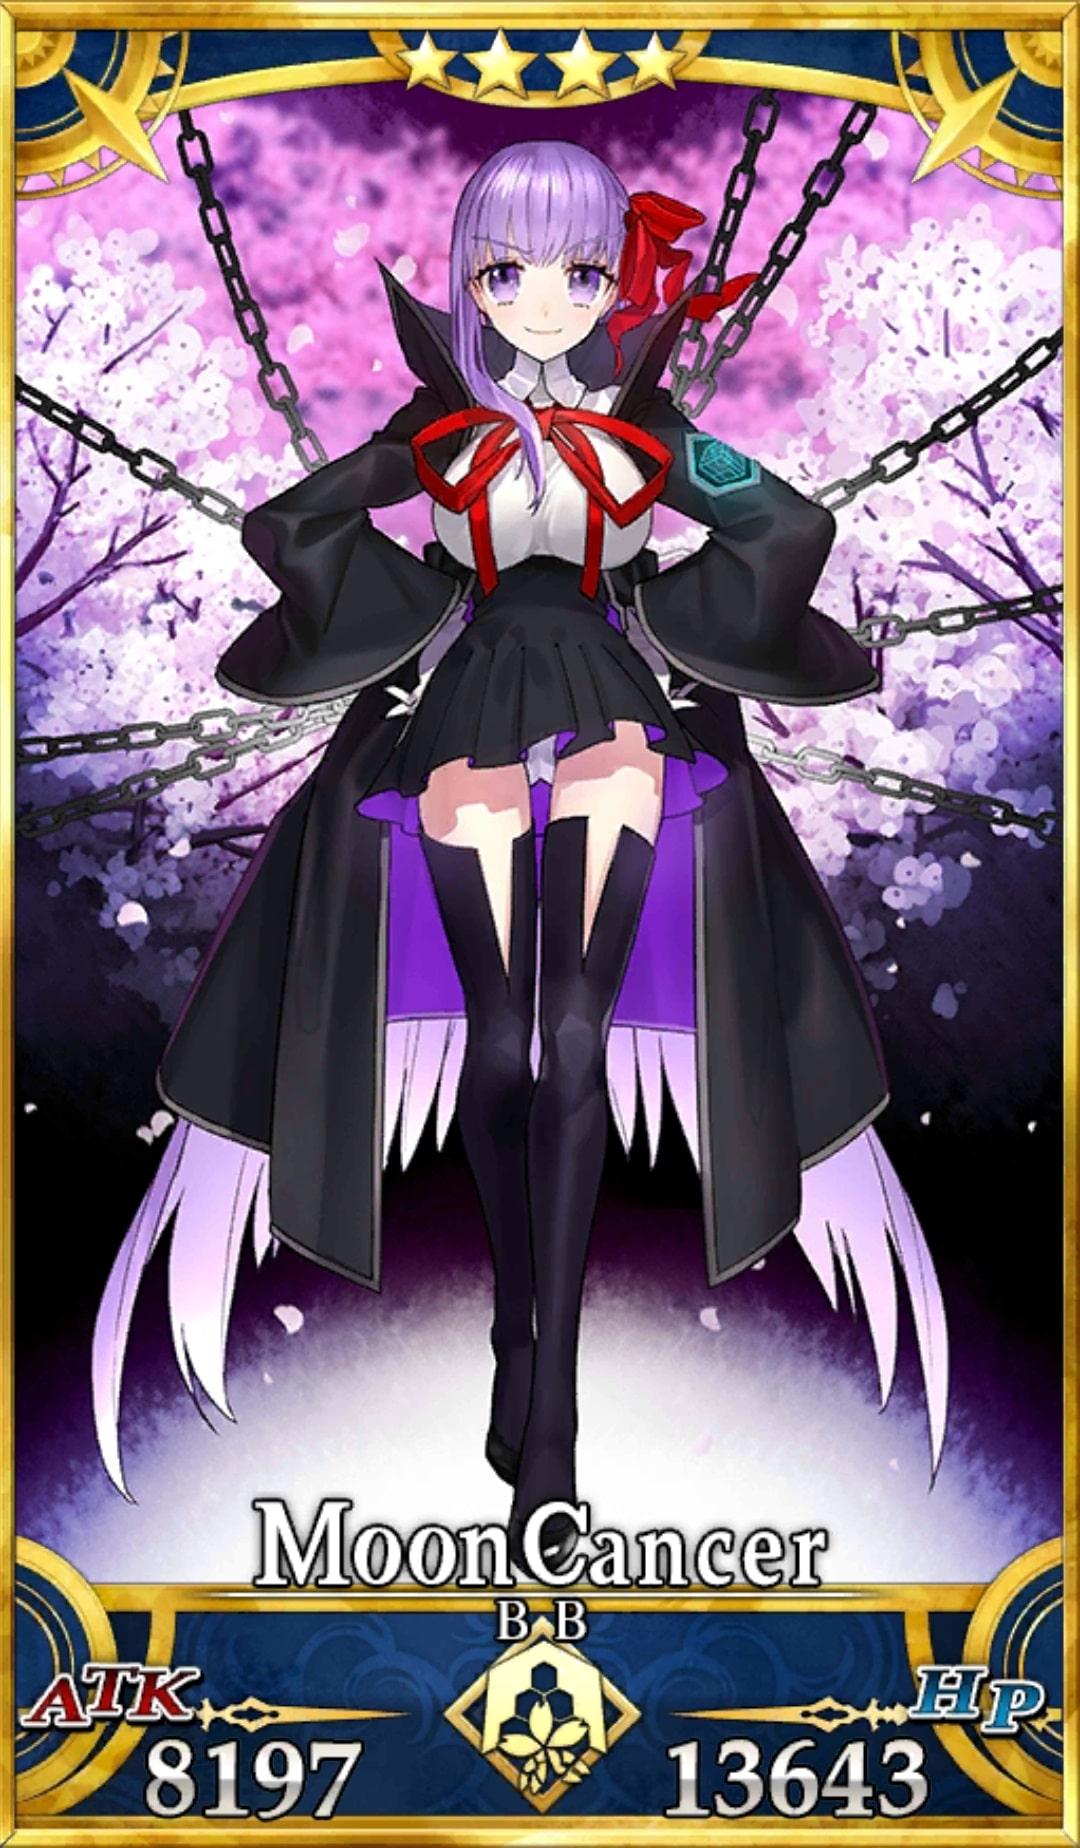 【疑問】桜好きだとカーマ.BB.BB.メルト.リップ.パールどれに聖杯入れんの??